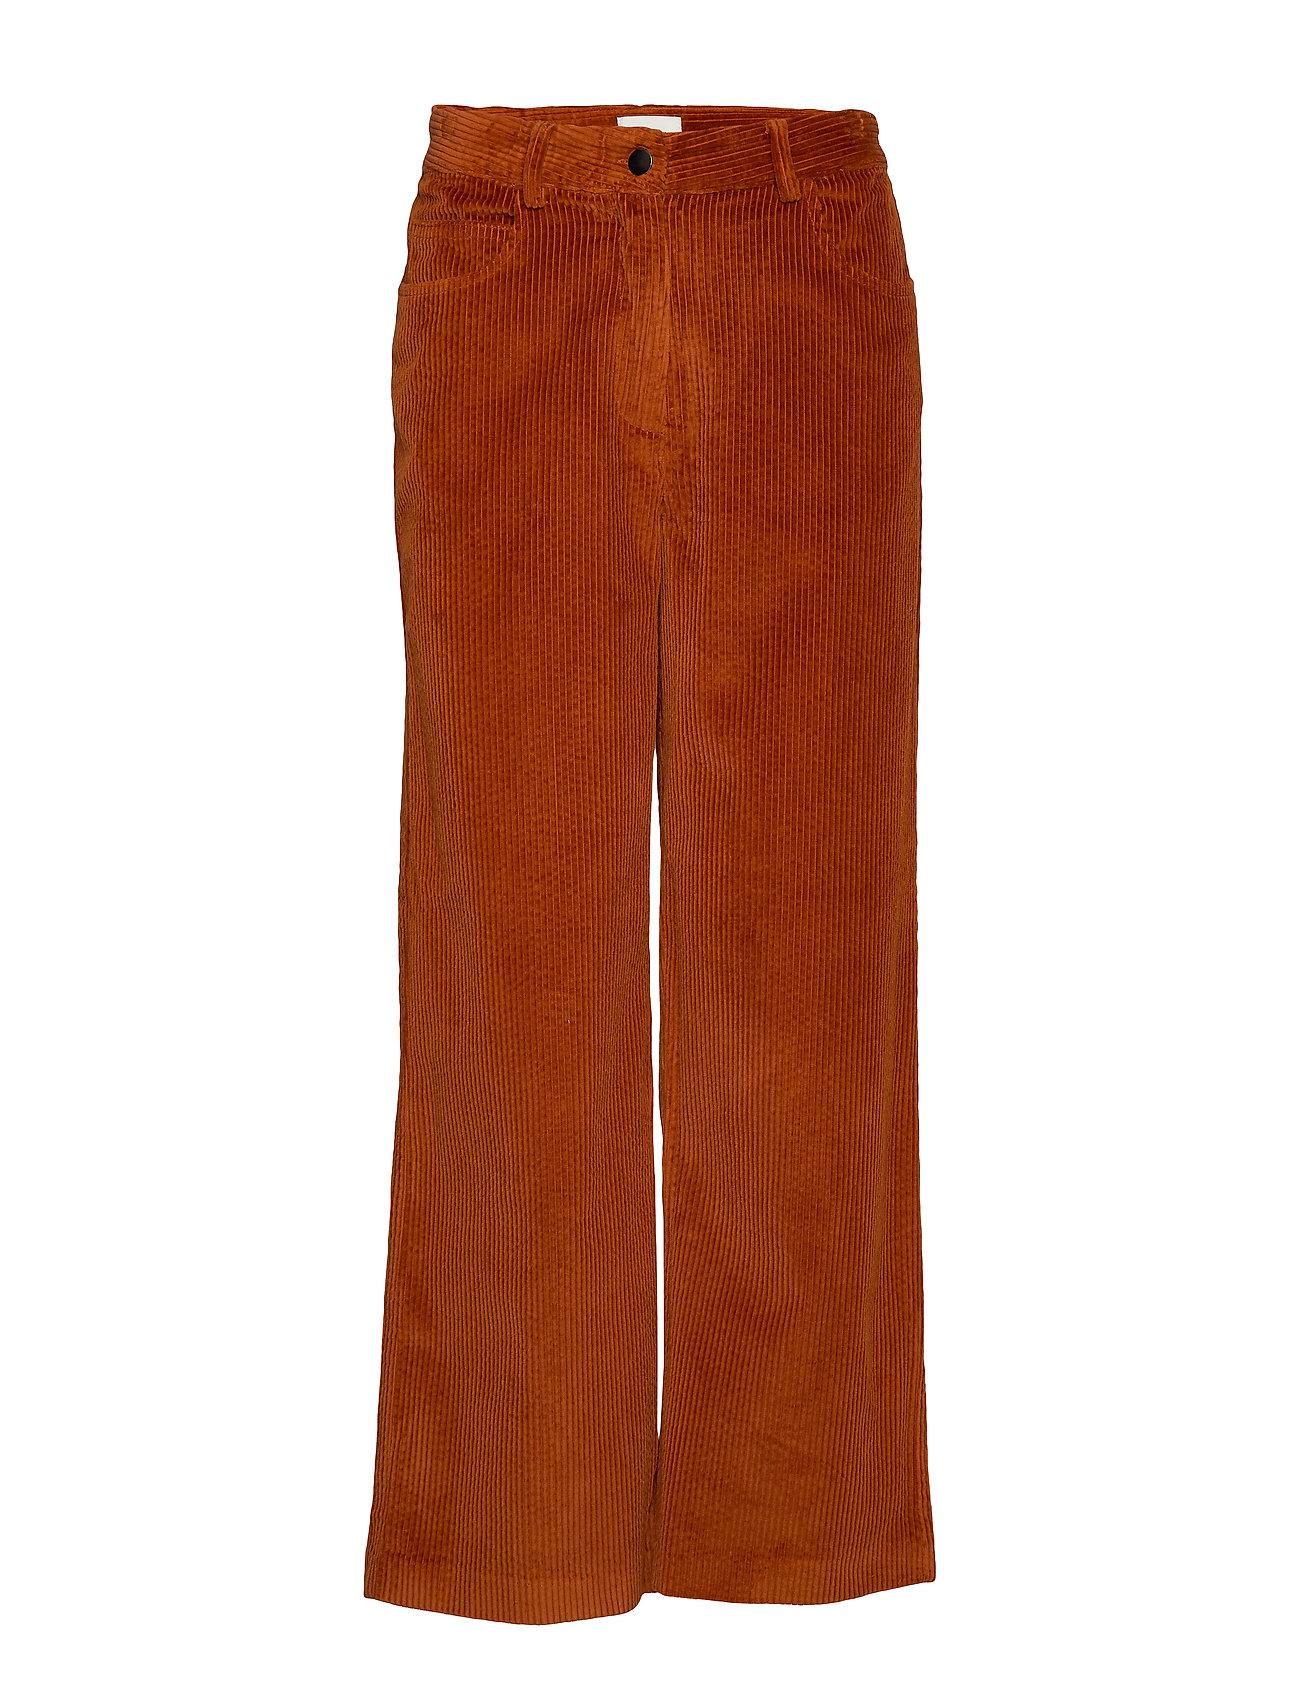 Modström Stefanie pants - GOLD FLAME